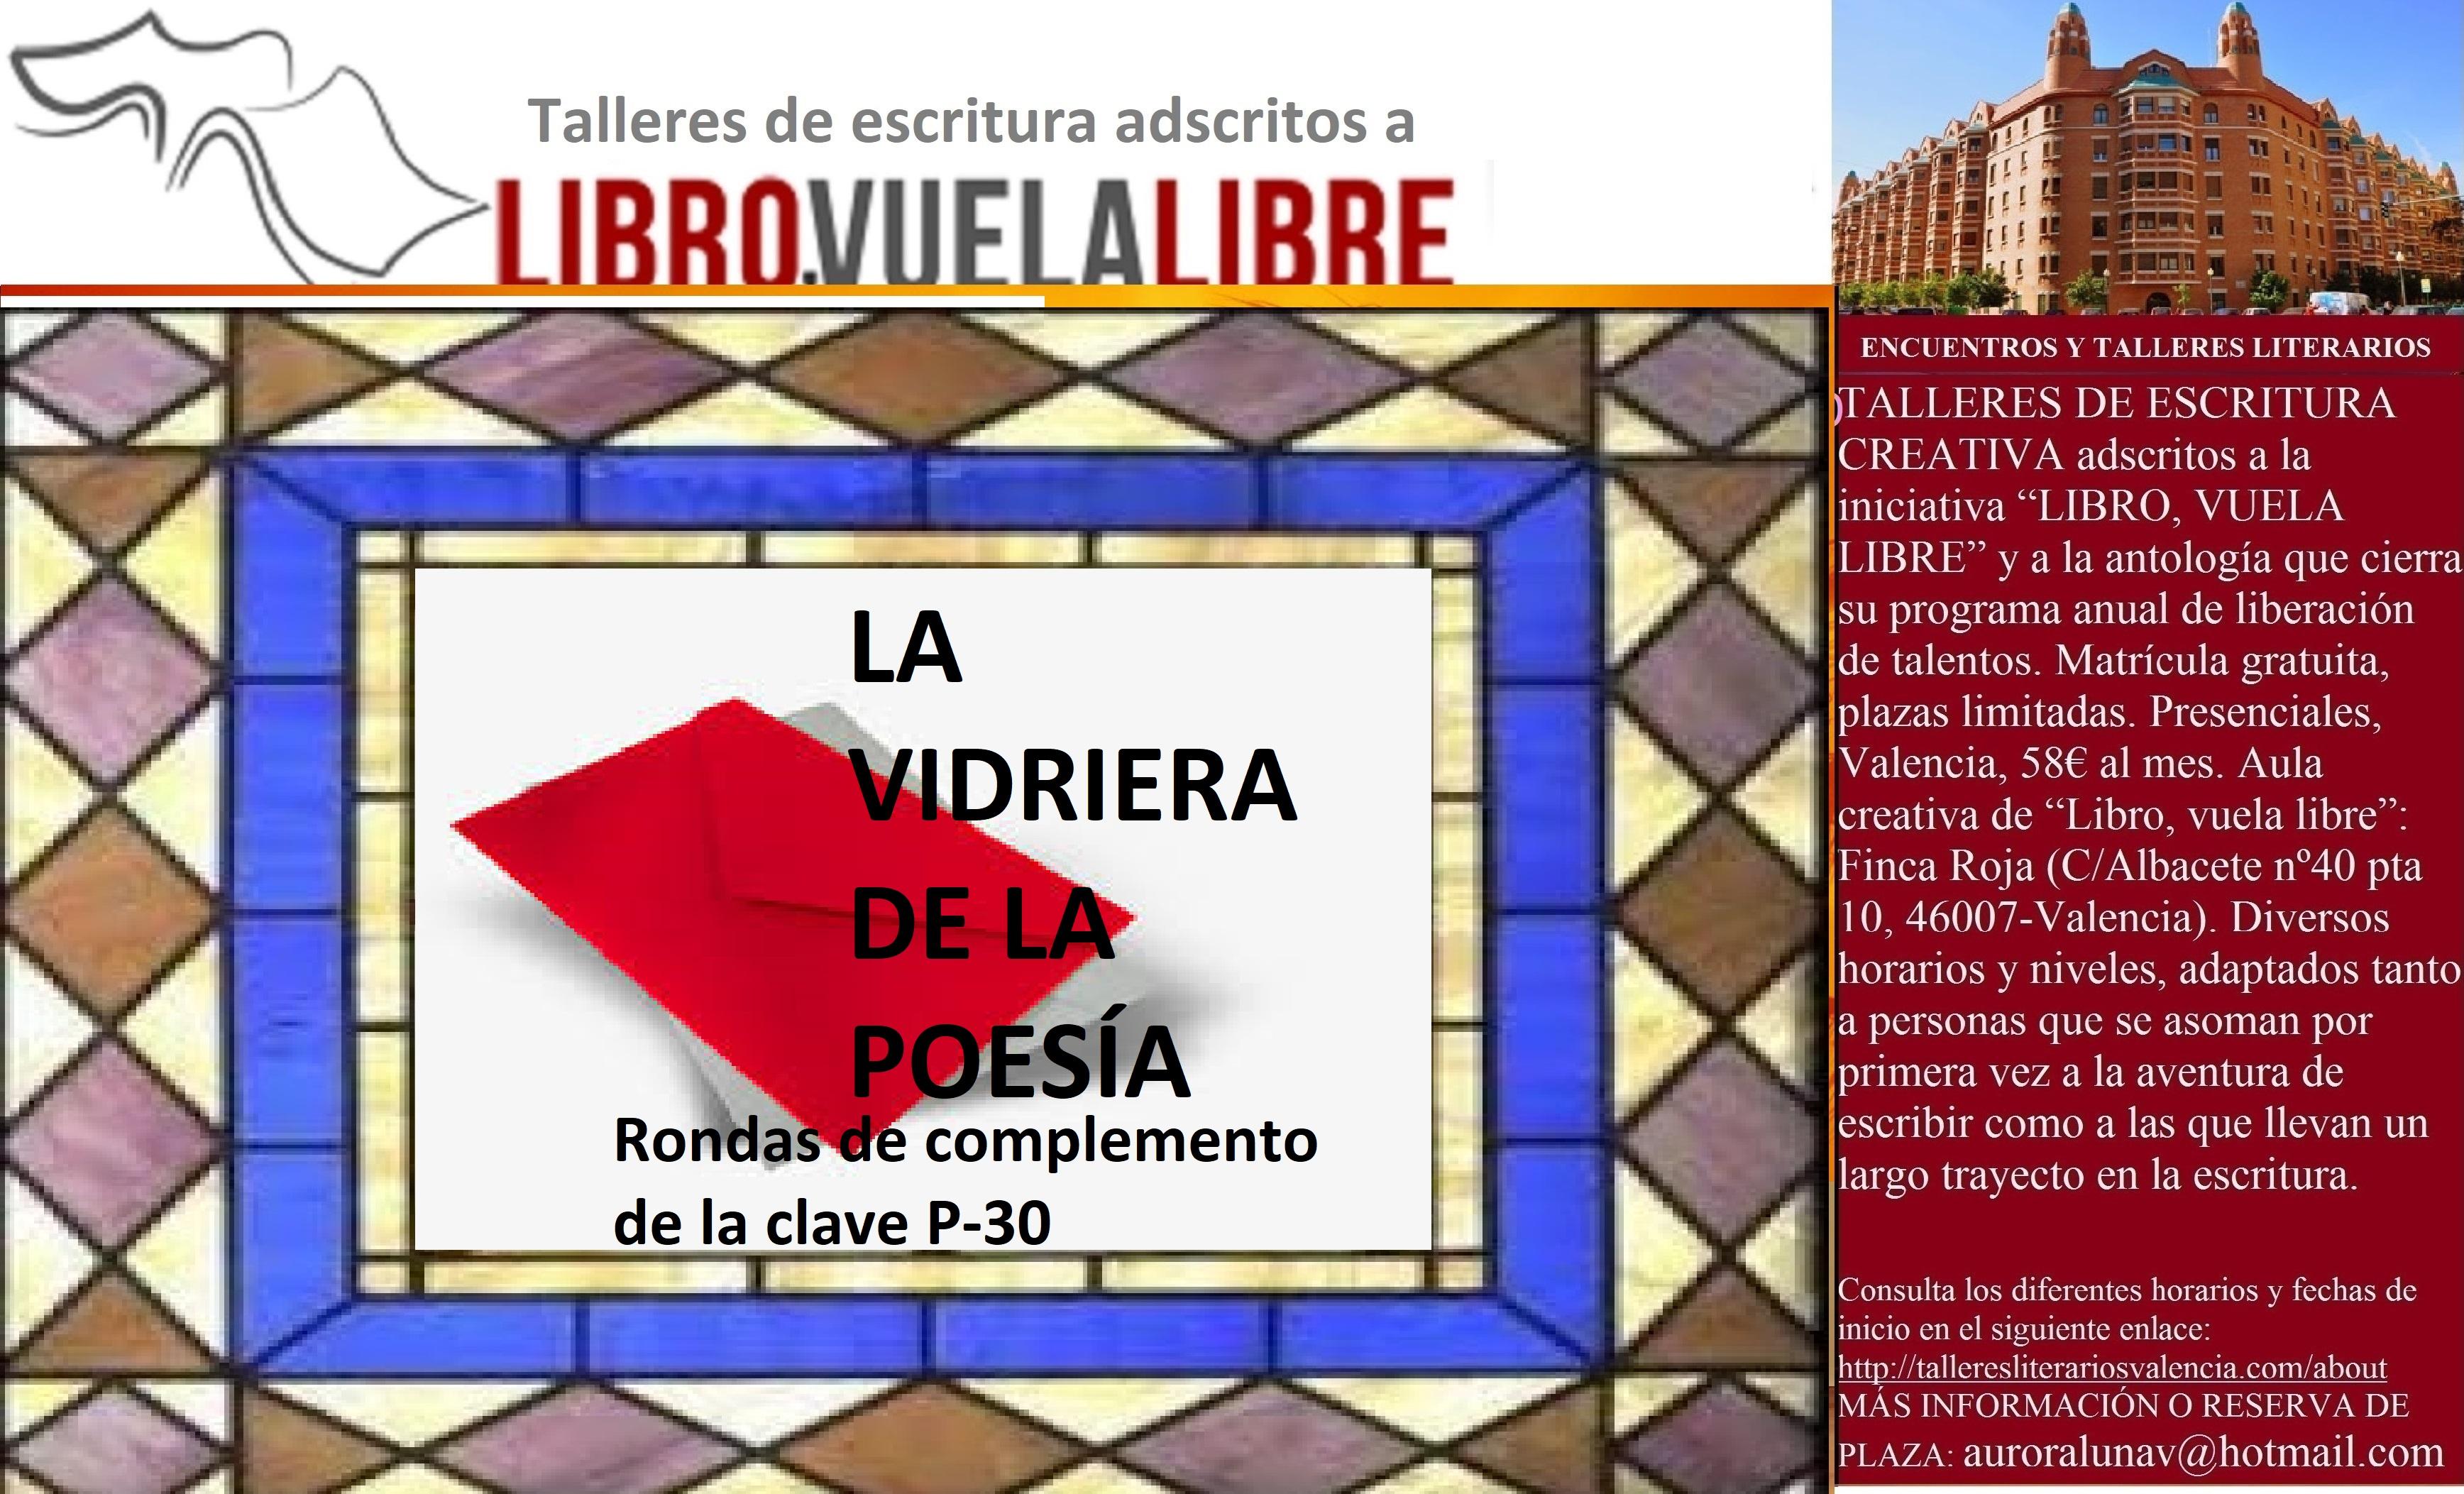 LA VIDRIERA DE LA POESÍA. Taller de creación literaria en curso, clave P-30